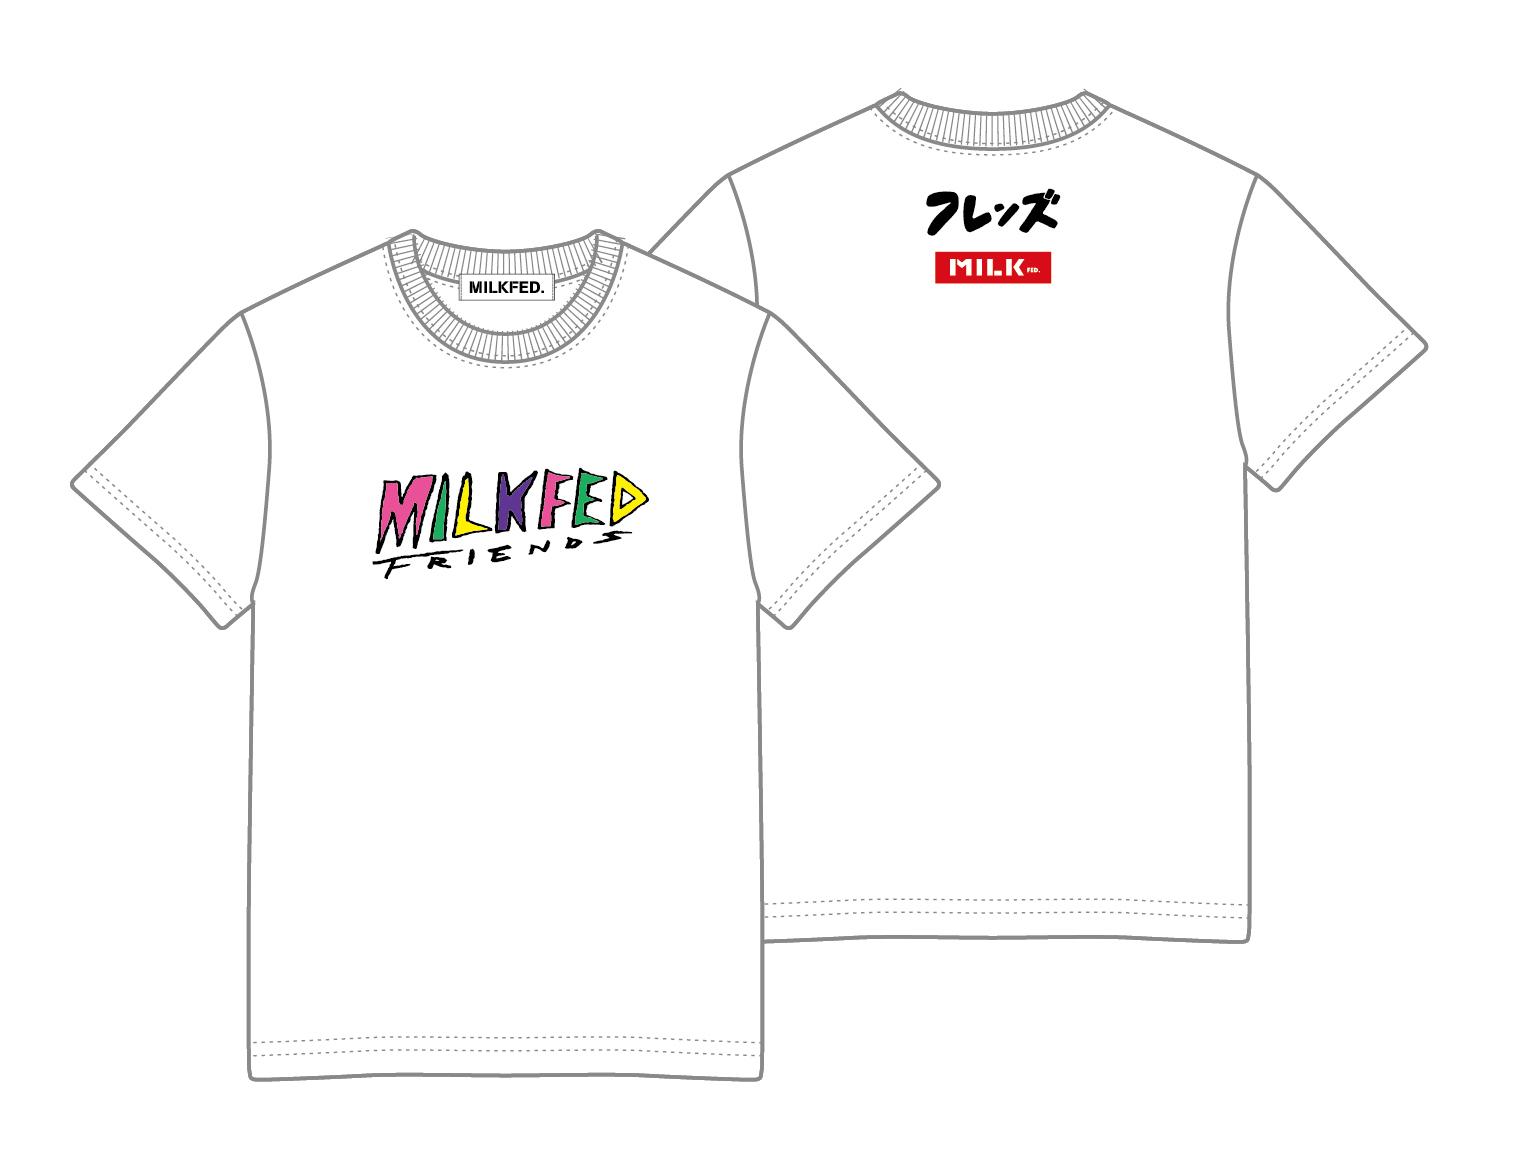 【配送商品】フレンズ × MILKFED. コラボTシャツ WHITE(L)の画像